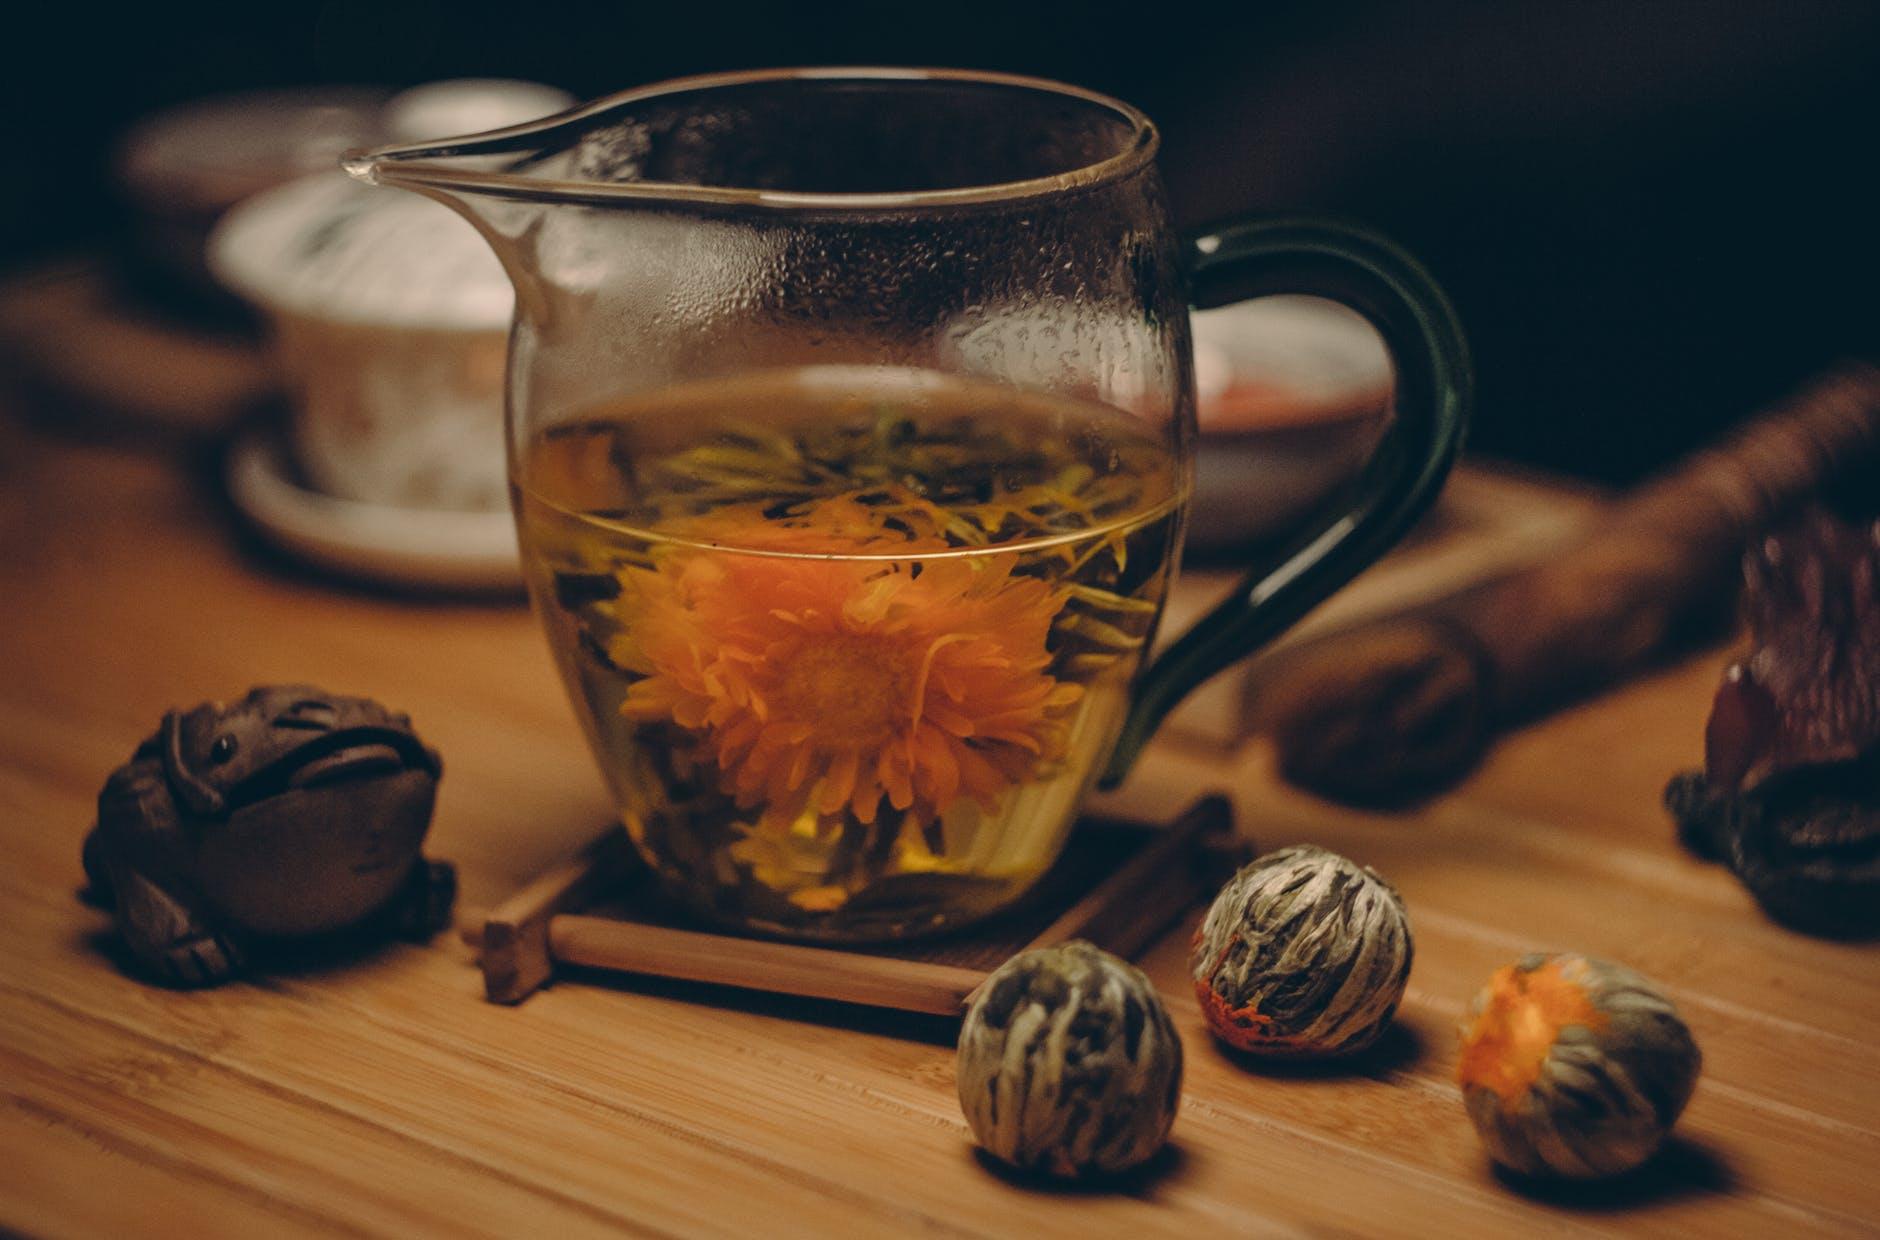 Nu arunca niciodată ceaiul din ceașcă! Acestea sunt trucurile bine păstrate ale japonezilor